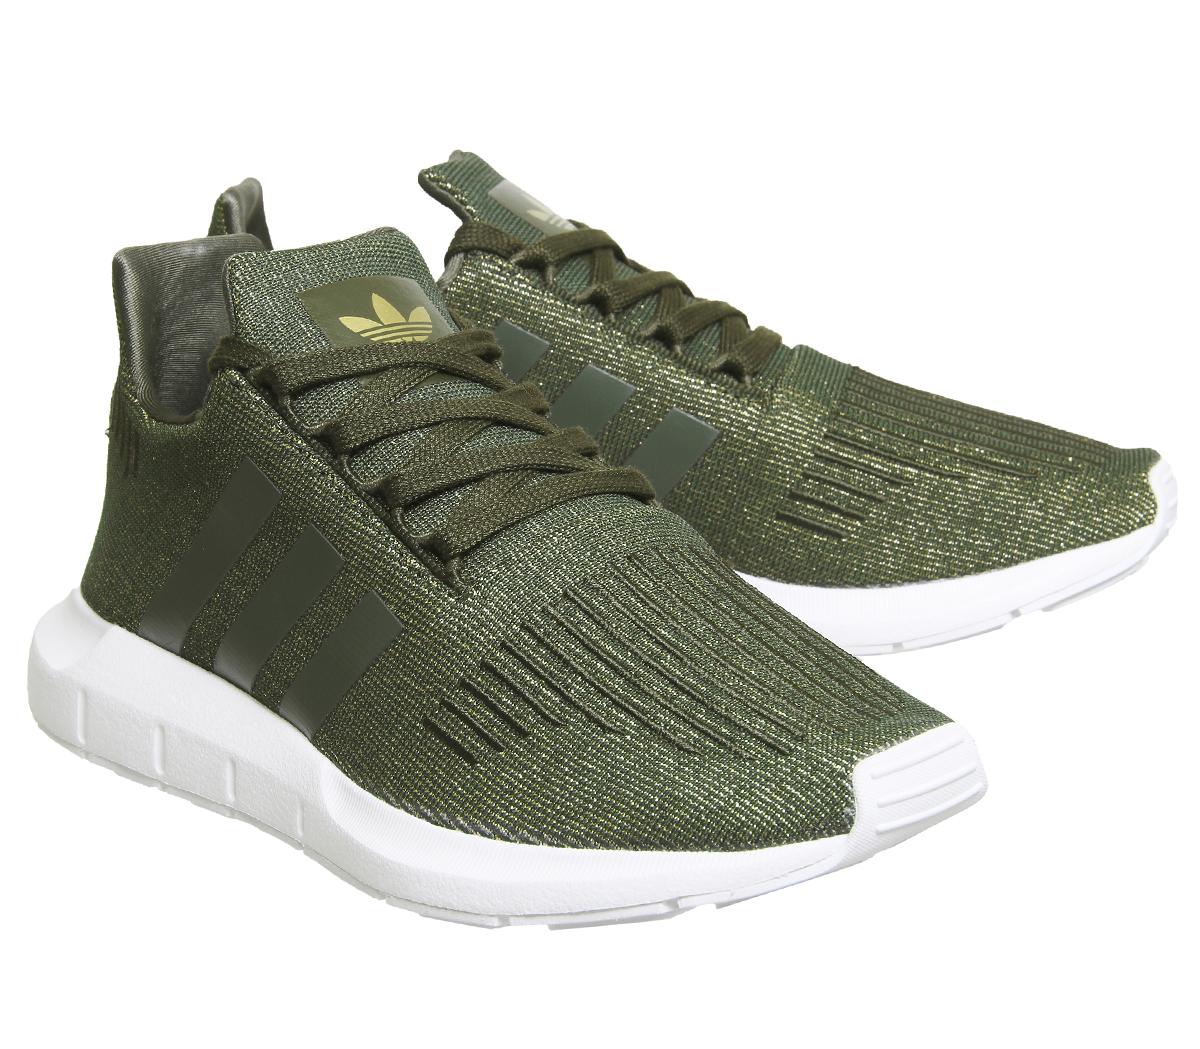 03dad0dddf071 Womens Adidas Swift Run NIGHT CARGO GLITTER Trainers Shoes